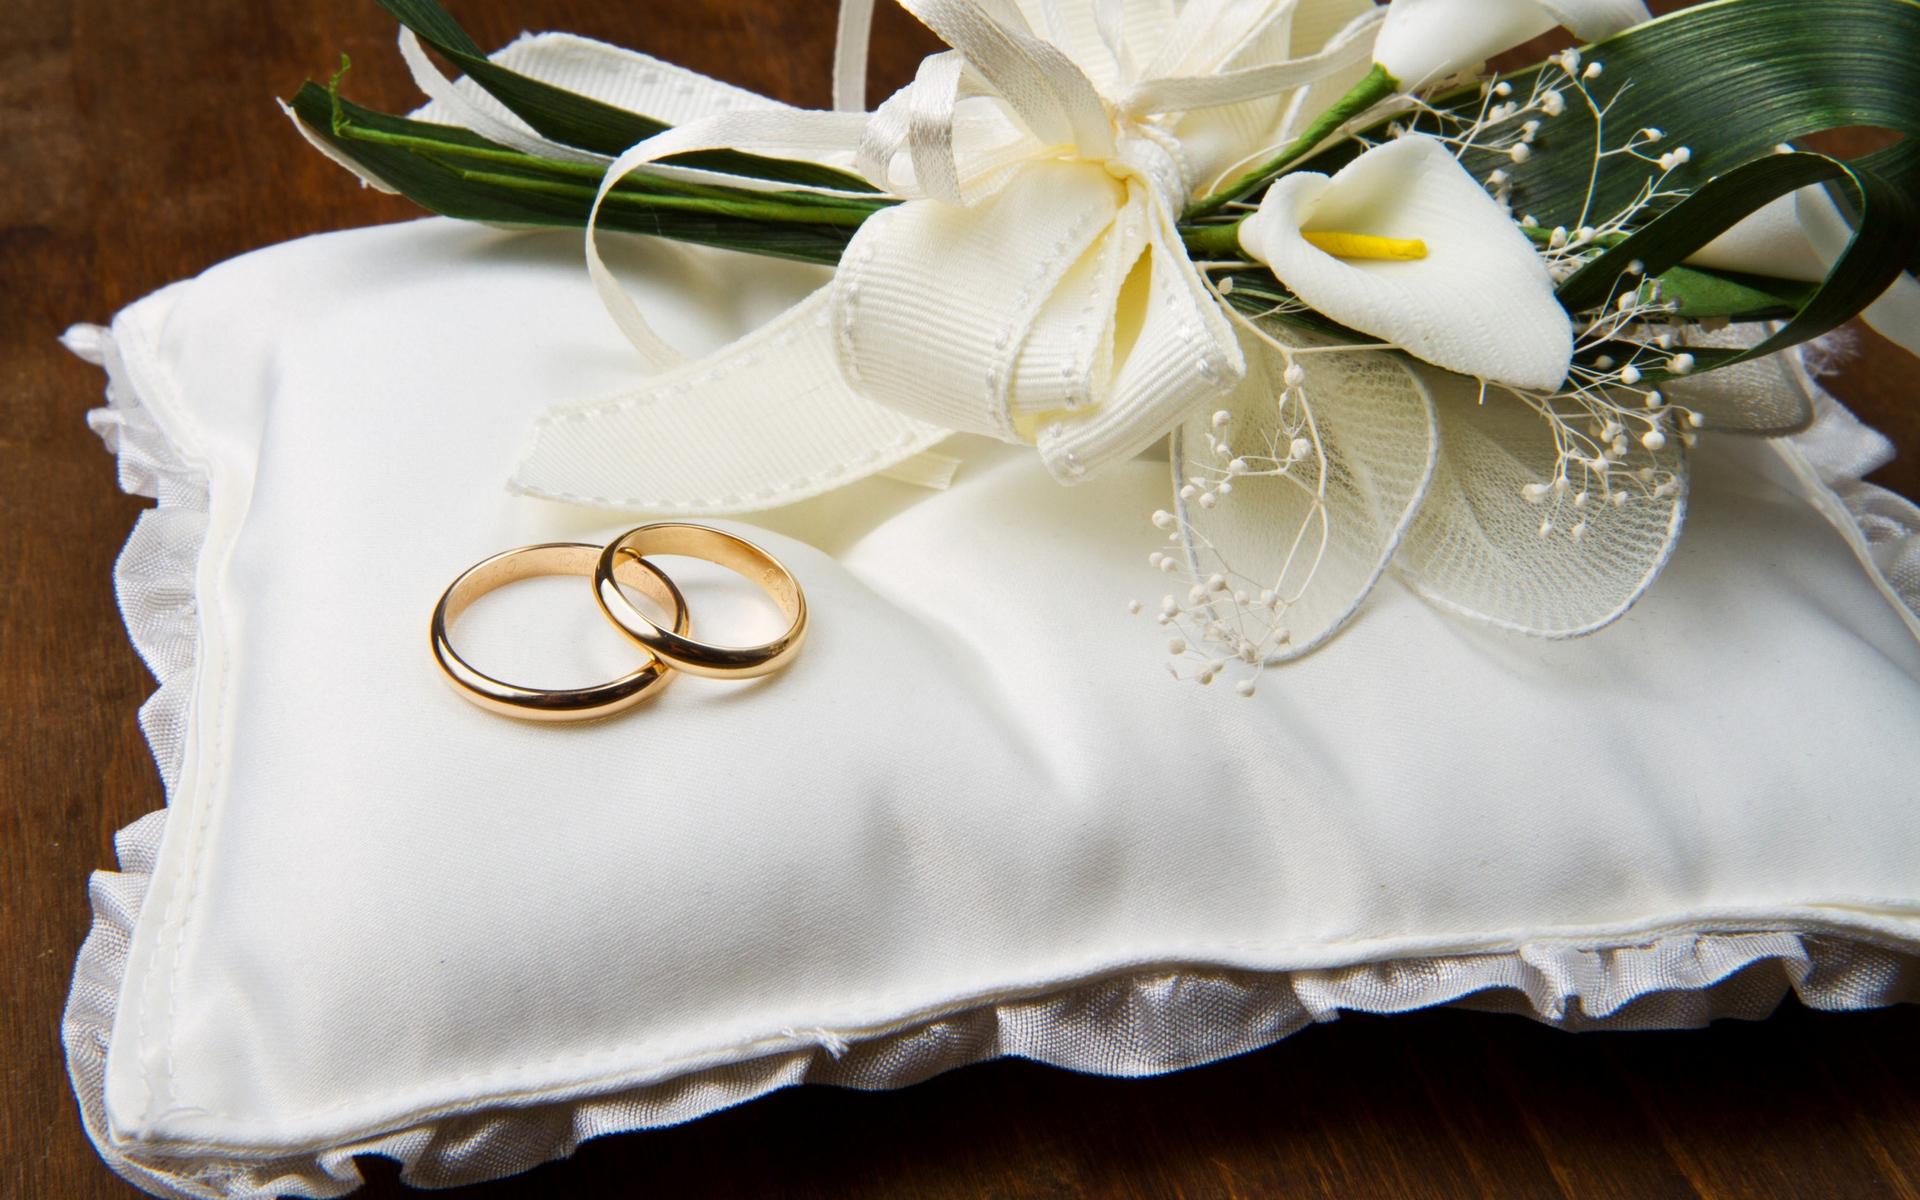 Кольца на свадьбу дома